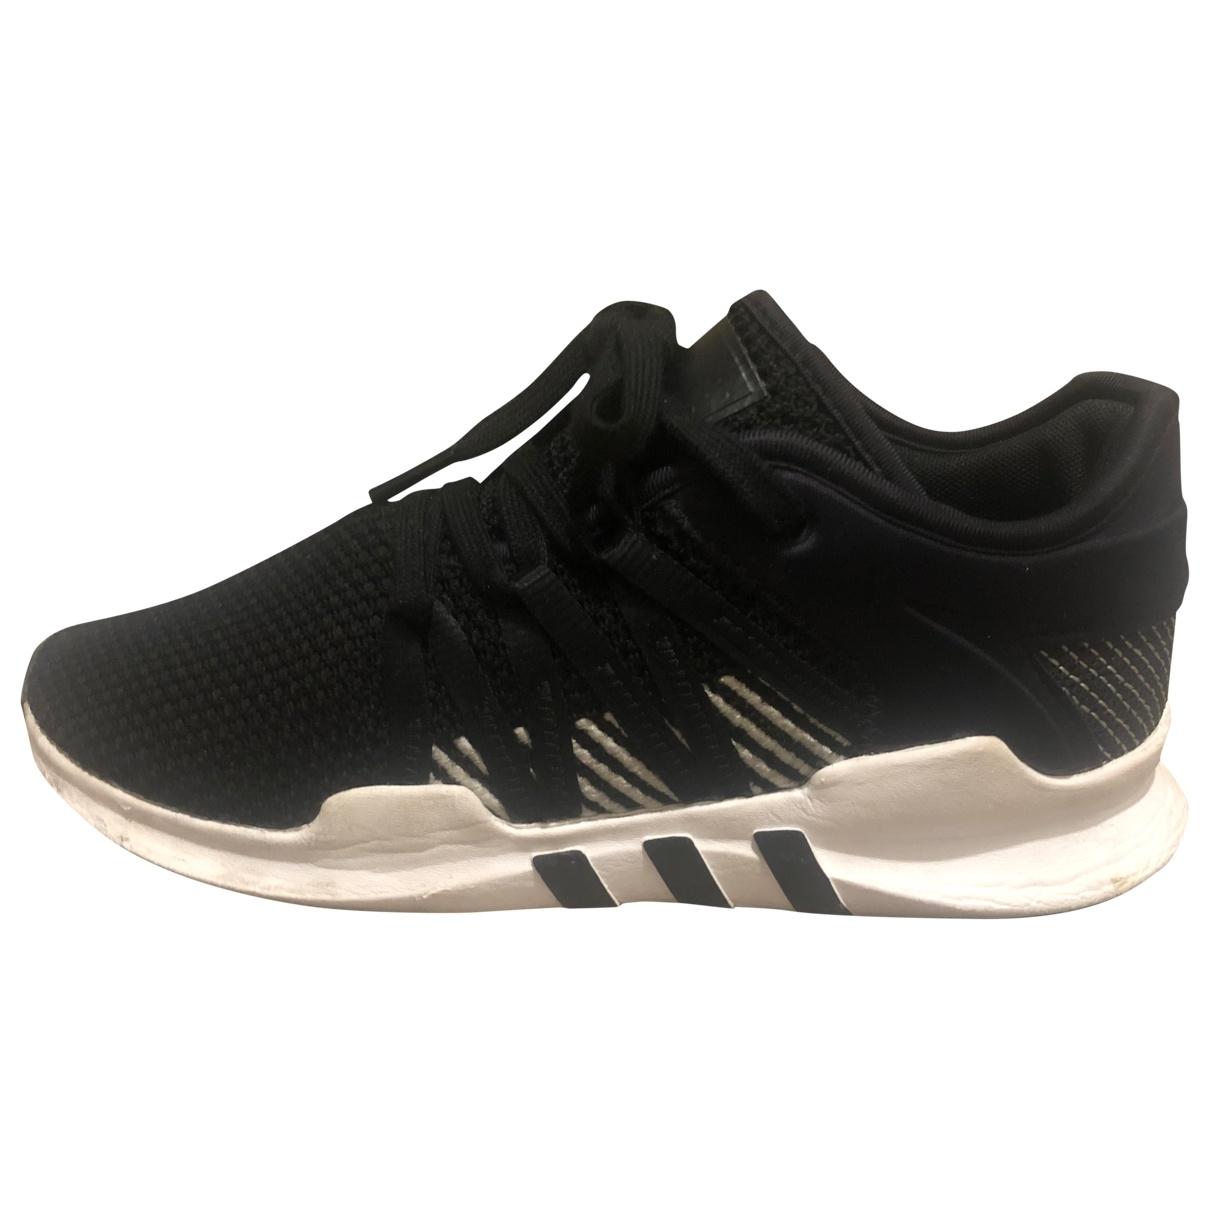 Adidas - Baskets EQT Support pour femme en toile - noir